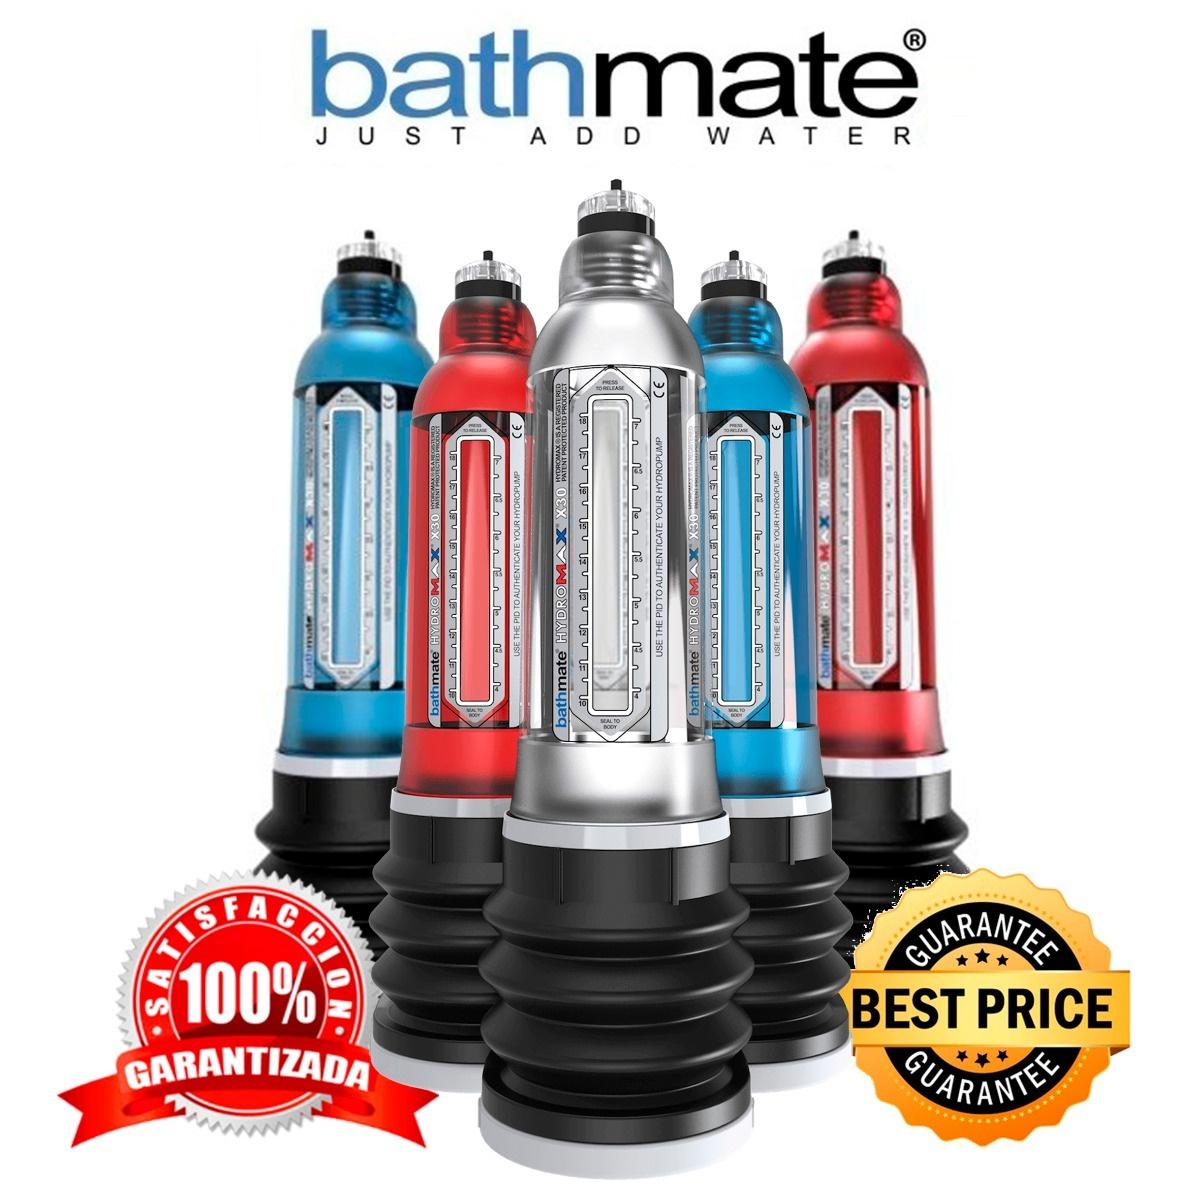 bathmate-hydromax-x30-crystal-accesorios-garantia-2anos-D_NQ_NP_651901-MCO26928709448_022018-F.jpg